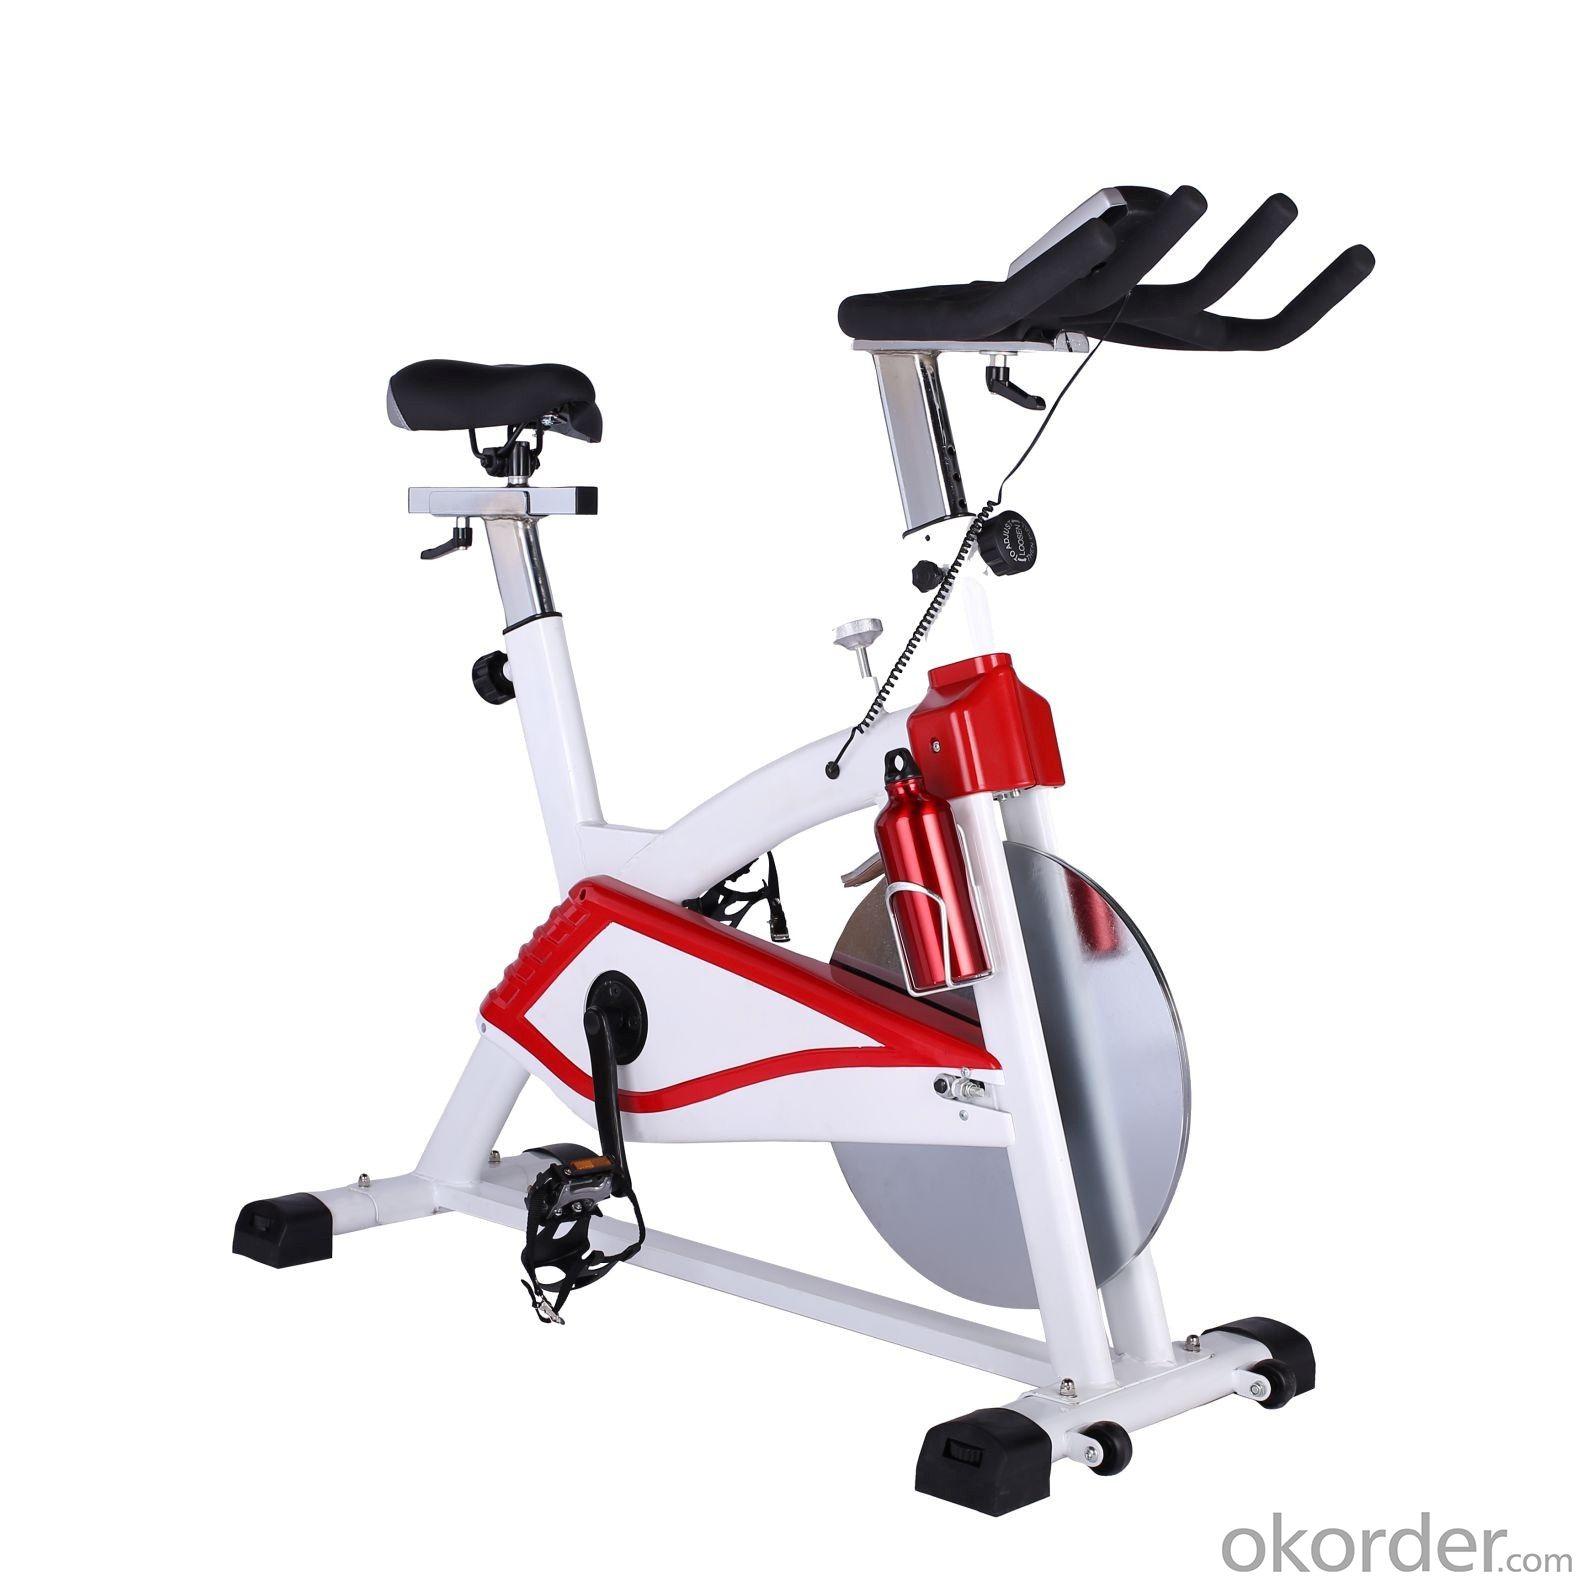 Spin Bike Exercise Bike,Home Use Bike 3000